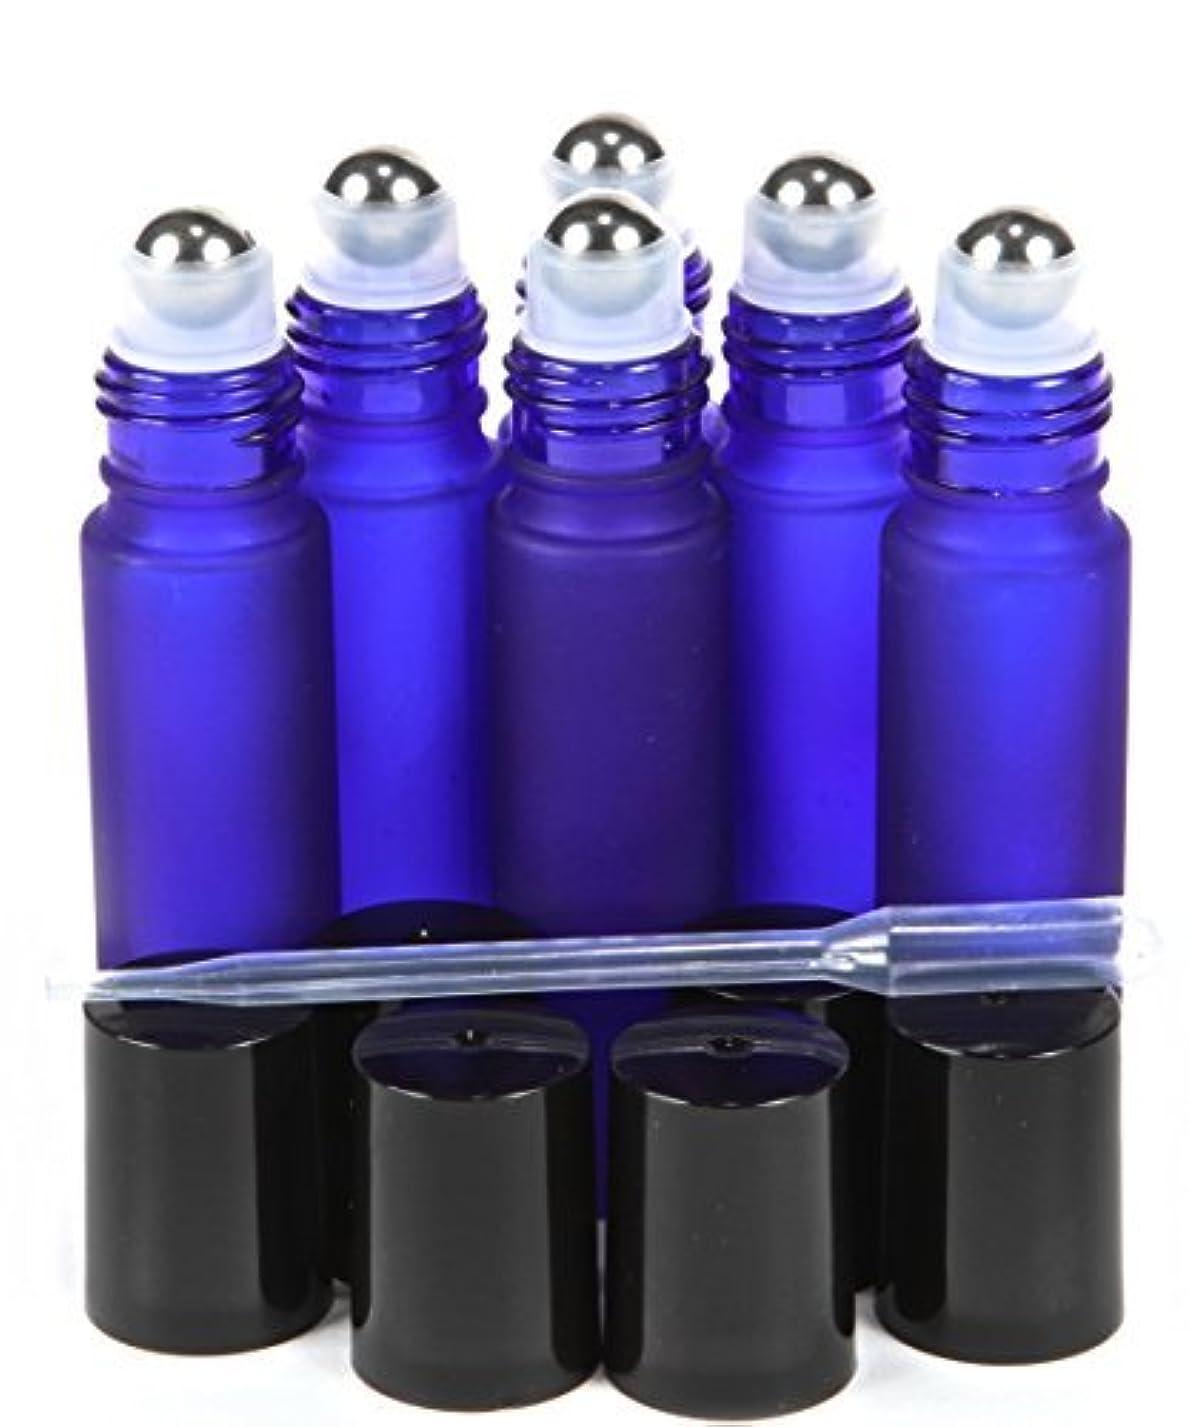 行方不明評決独立した6, Frosted, Cobalt Blue, 10 ml Glass Roll-on Bottles with Stainless Steel Roller Balls - .5 ml Dropper Included...